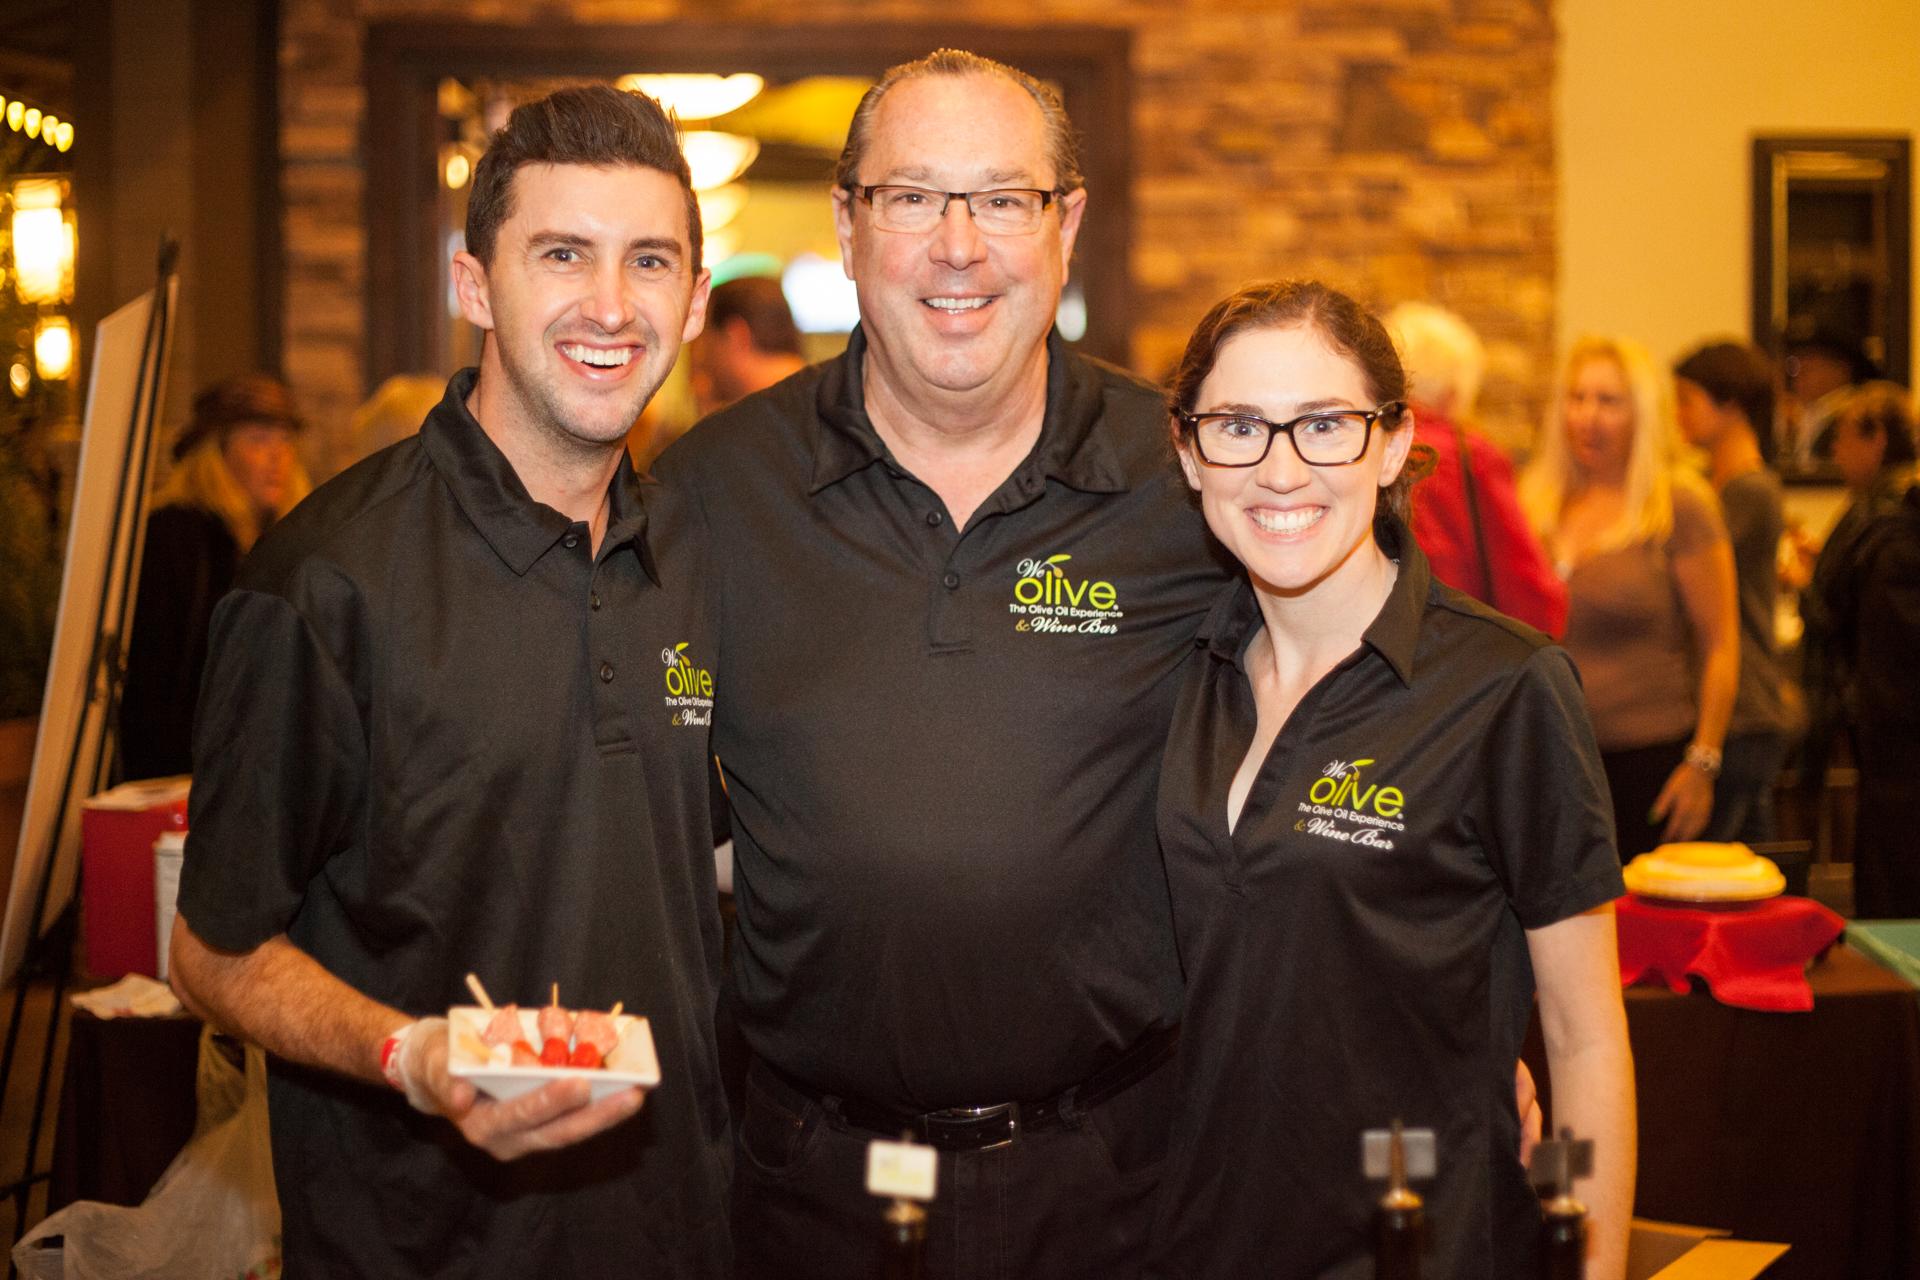 (L to R) Garrett Szubielski, Ed Szubielski, owner of We Olive & Wine Bar, and Kayla Szubielski, serve up stuffed peppadews. Photo: Alex Paris